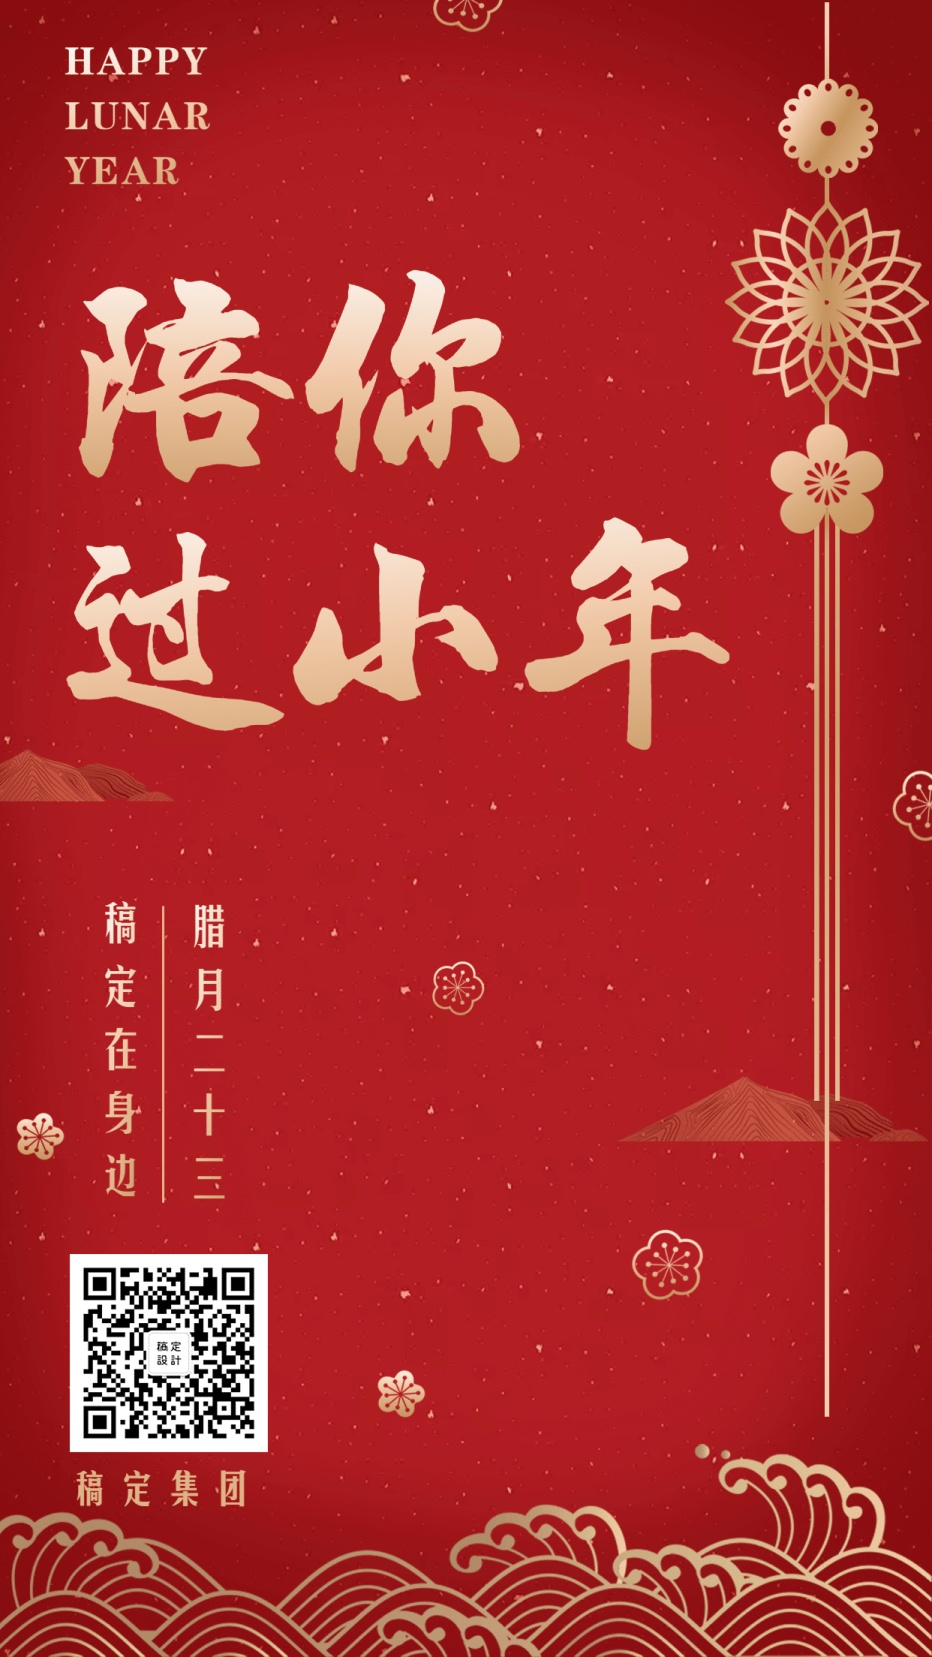 春节新年小年节日祝福手机海报